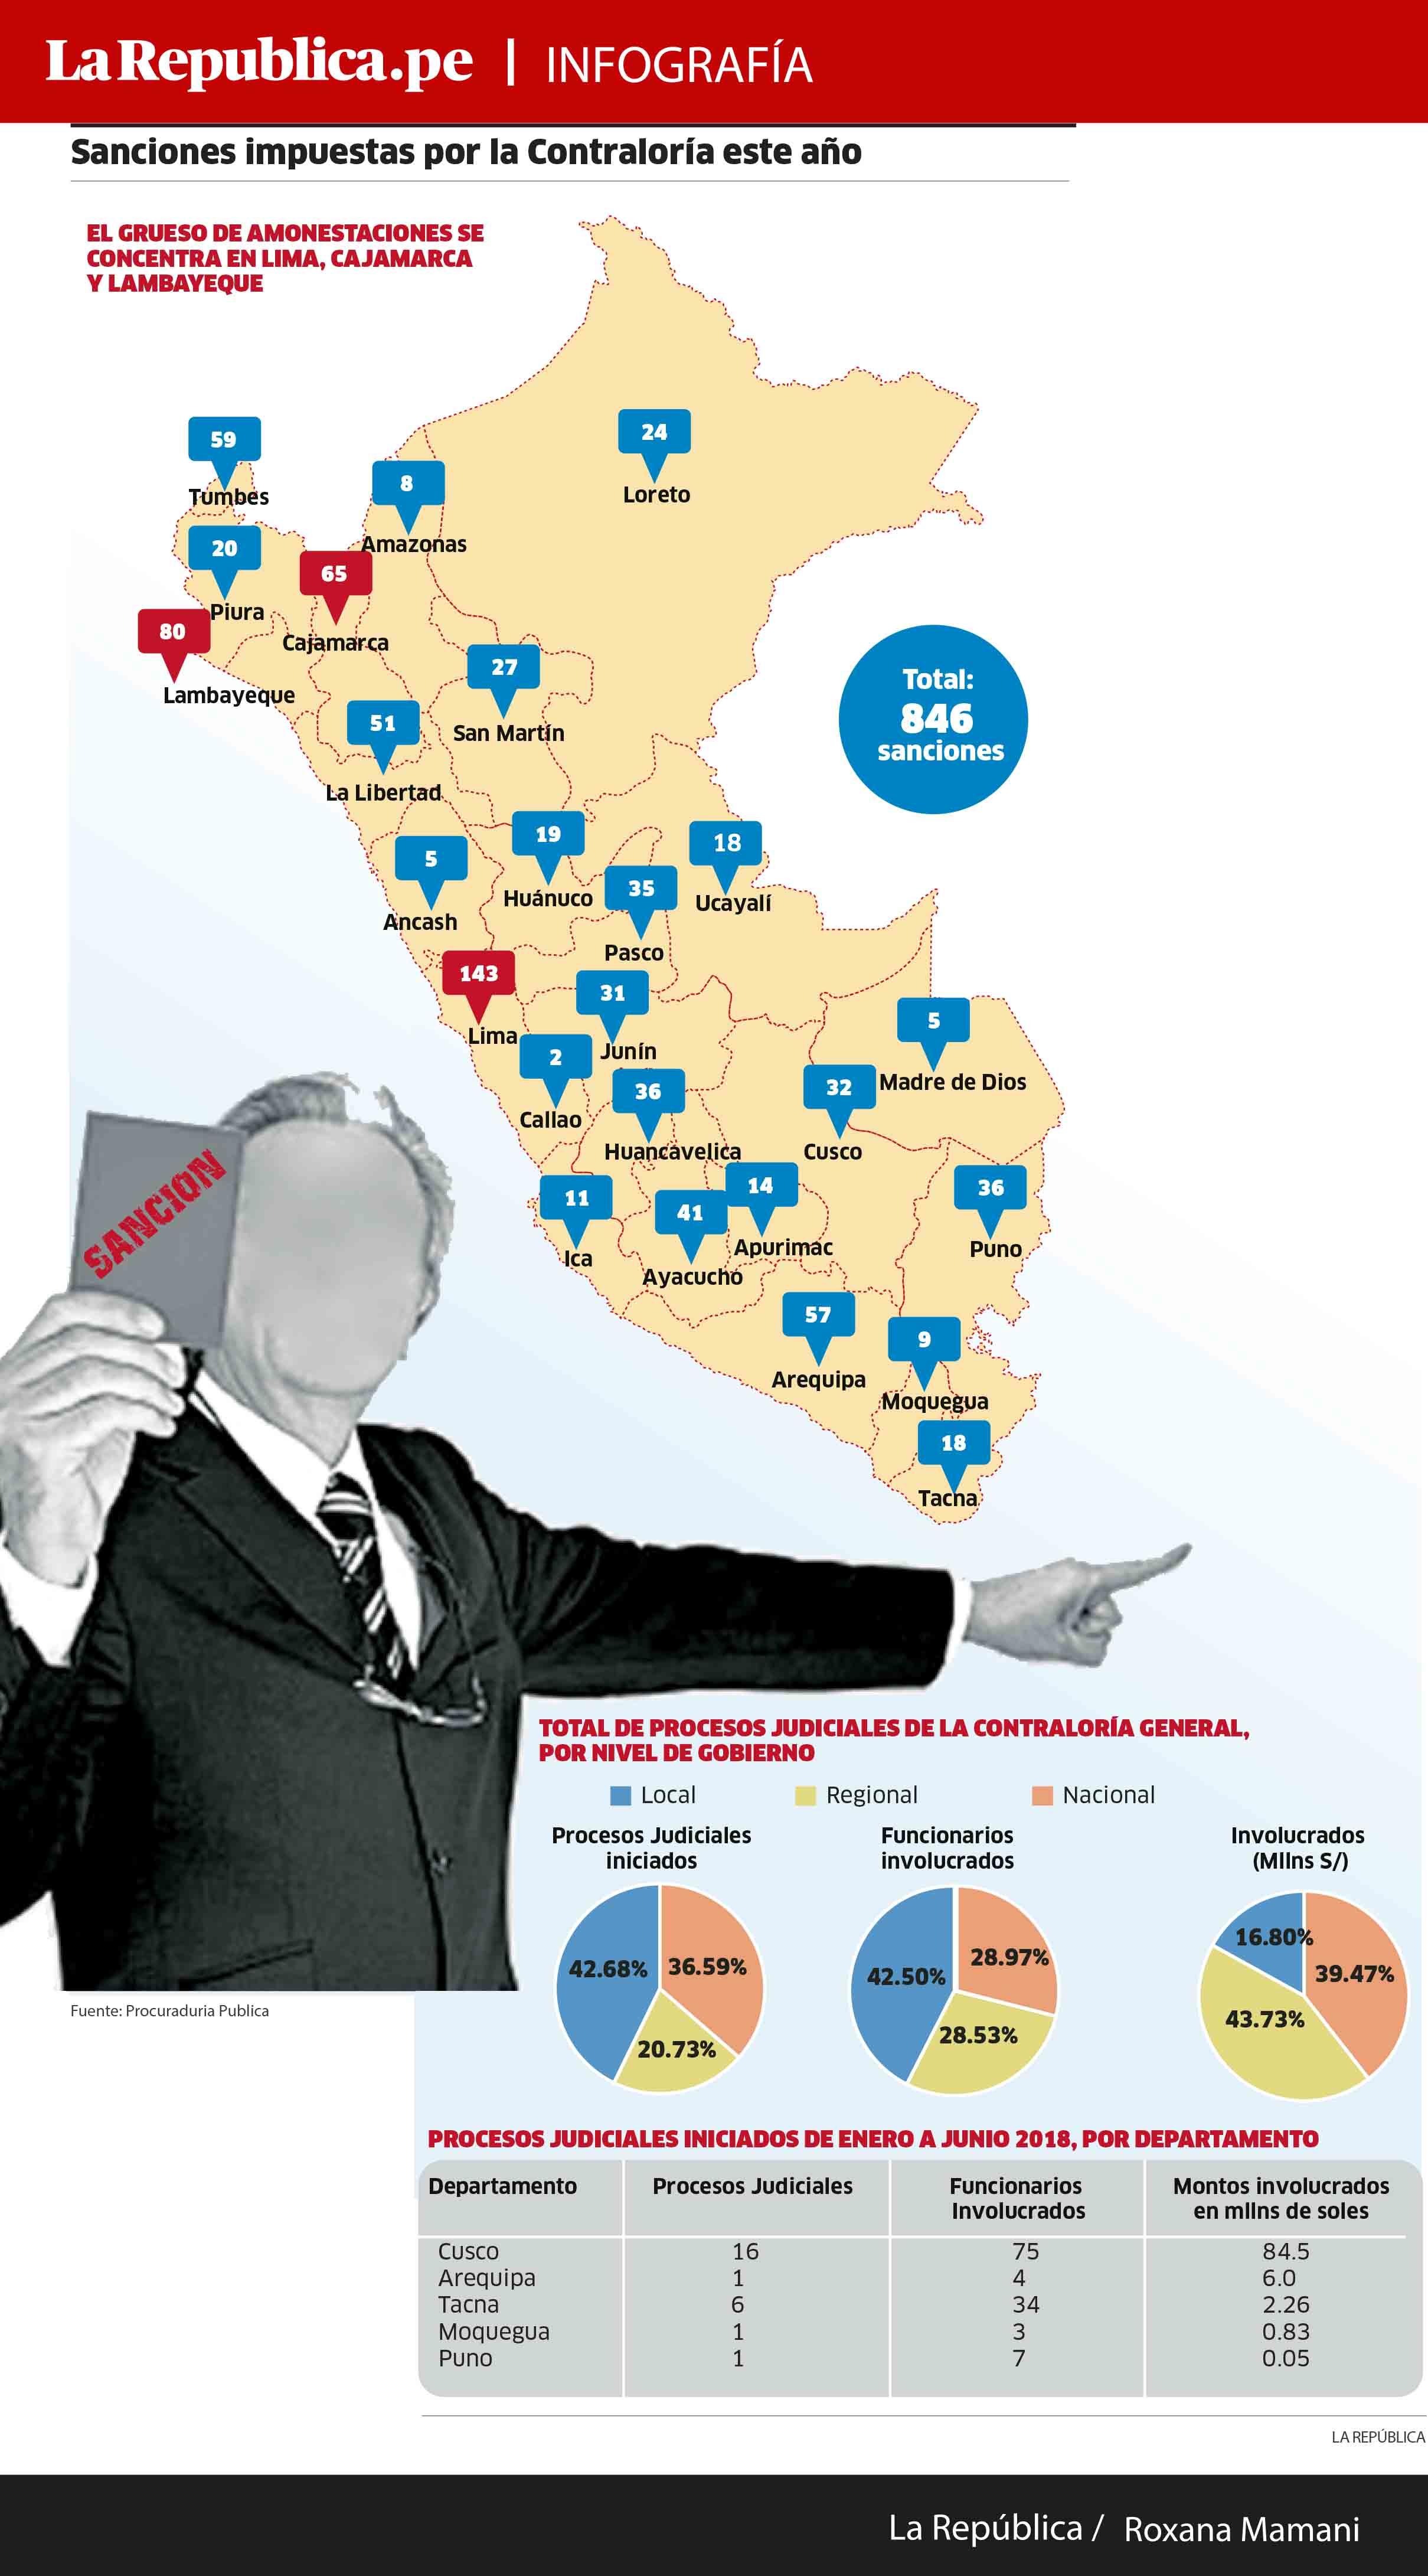 Sanciones impuestas por la Contraloría este año según cada región